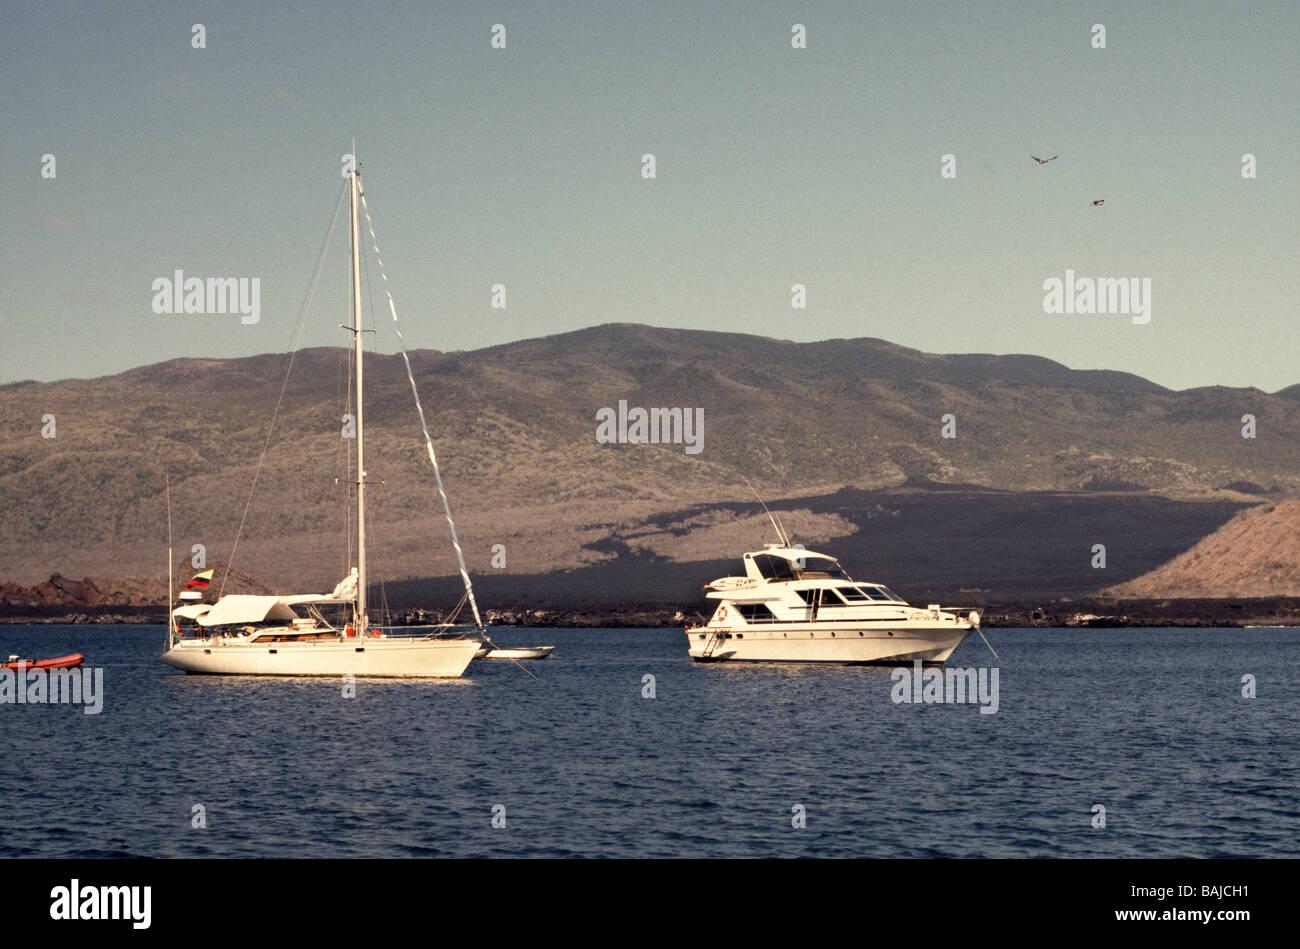 Galapagos Islands.James Insel mit touristischen Boote vor der Küste verankert. Beachten Sie die vulkanischen Stockbild